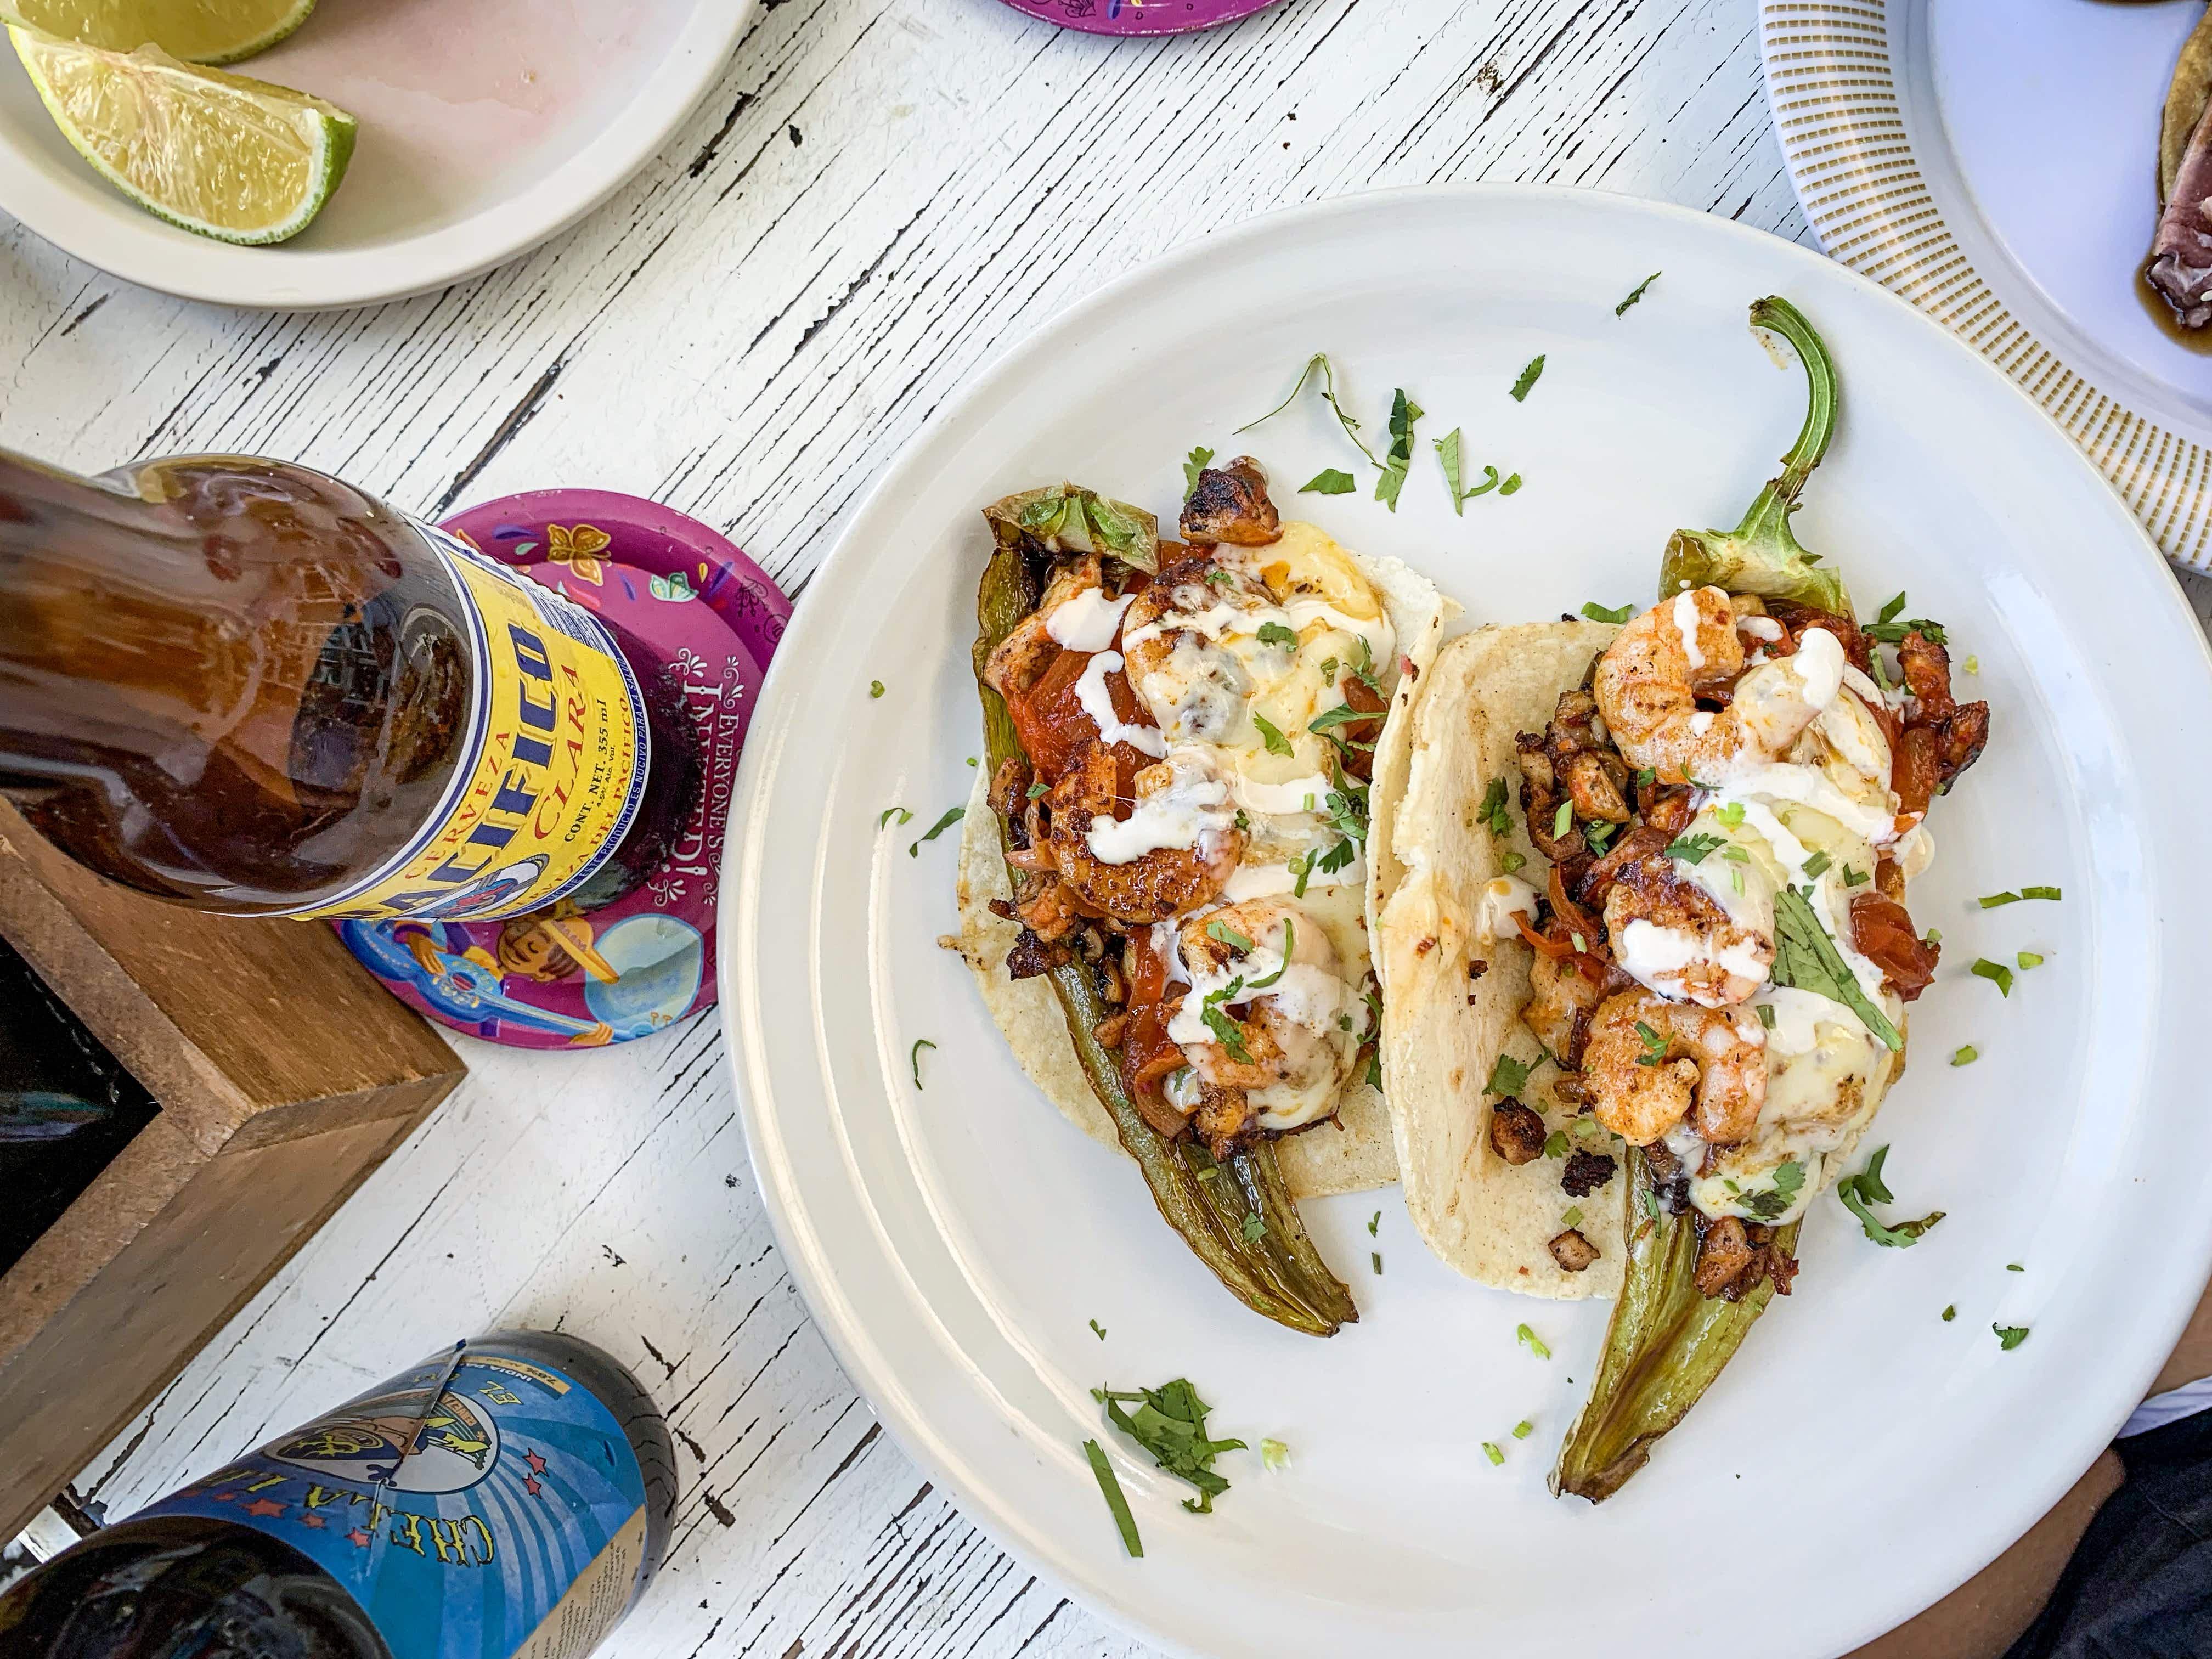 The amazing Chilaca taco is worth a special trip to El Curandero © Bailey Freeman / Lonely Planet